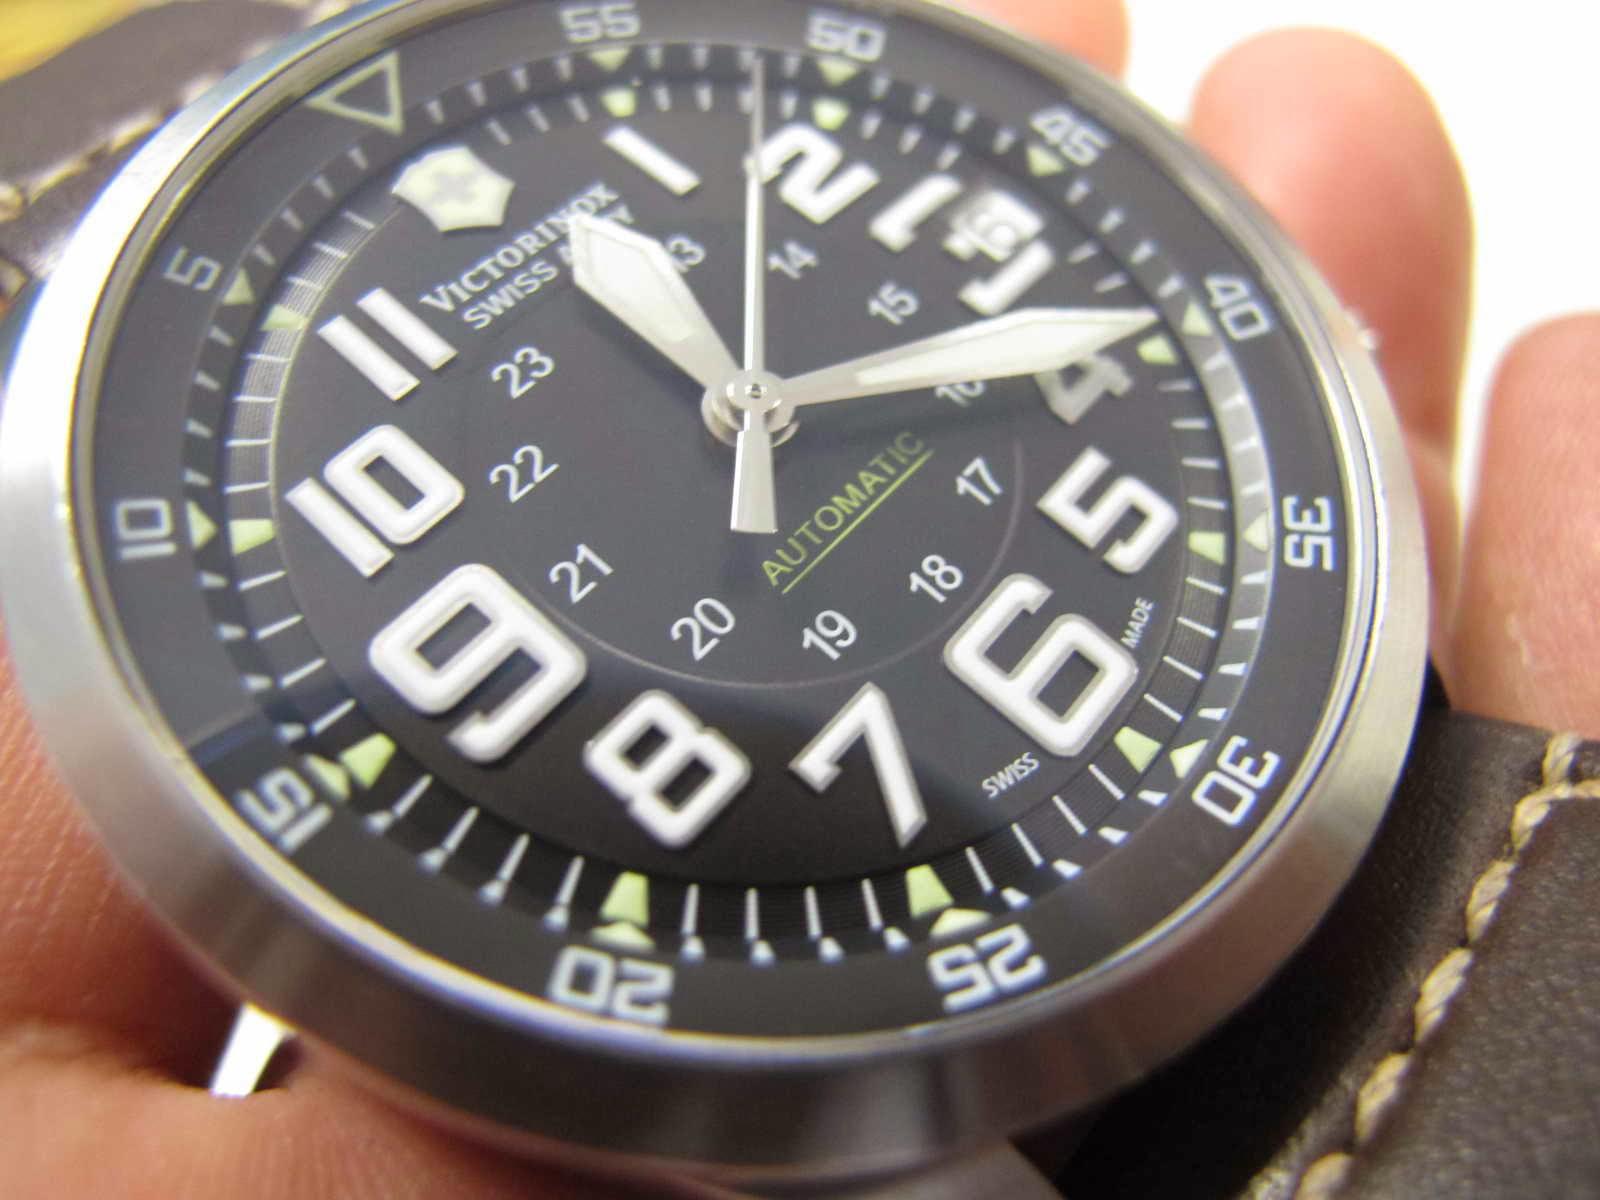 Cocok untuk Anda yang sedang mencari jam tangan Military Automatic Swiss Made dan dengan size diameter case jam besar Mantap Victorinox Airboss ini